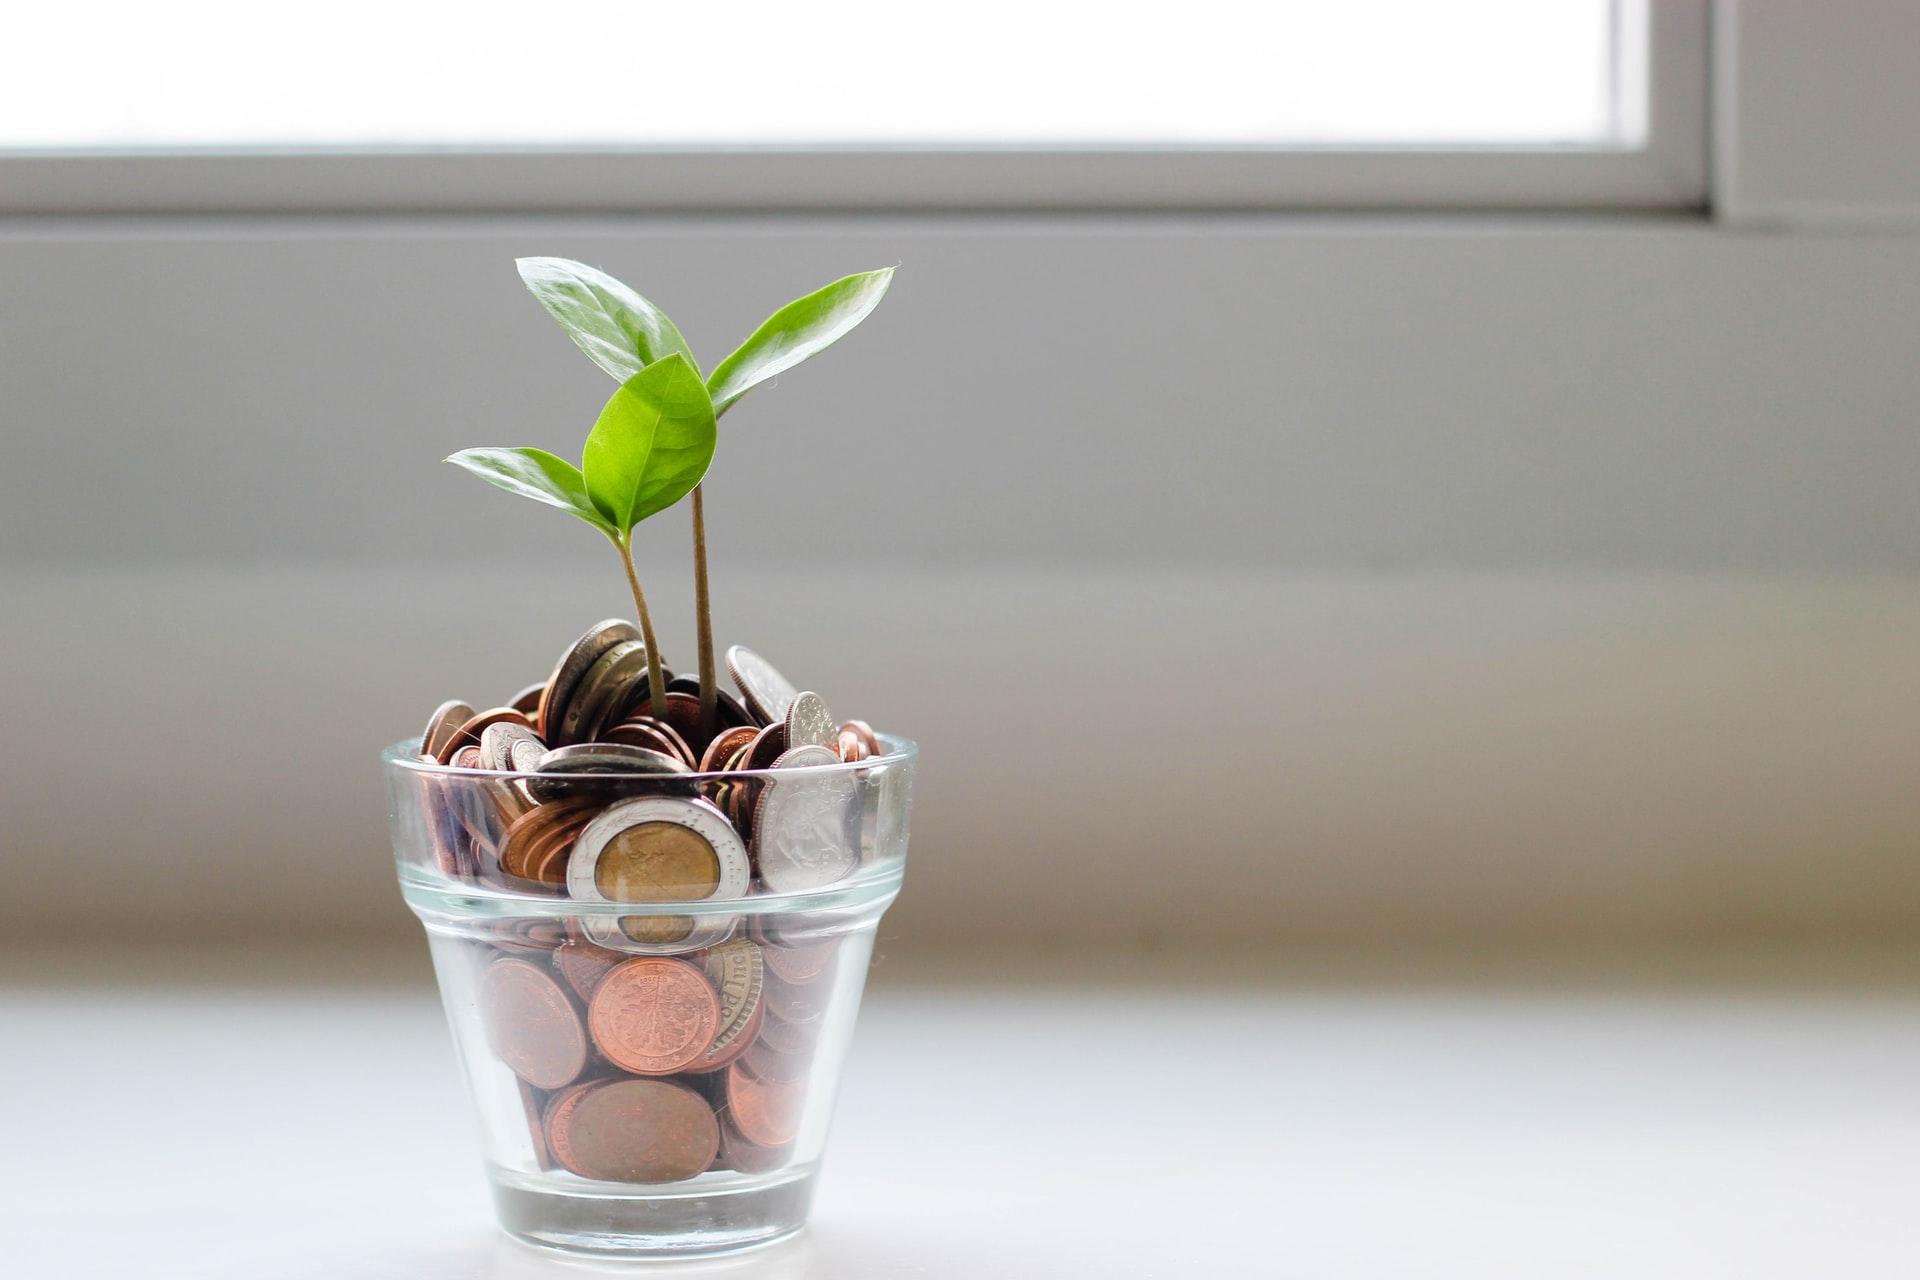 Bingung Mau Investasi Saham Atau Reksadana? Baca Dulu Ini